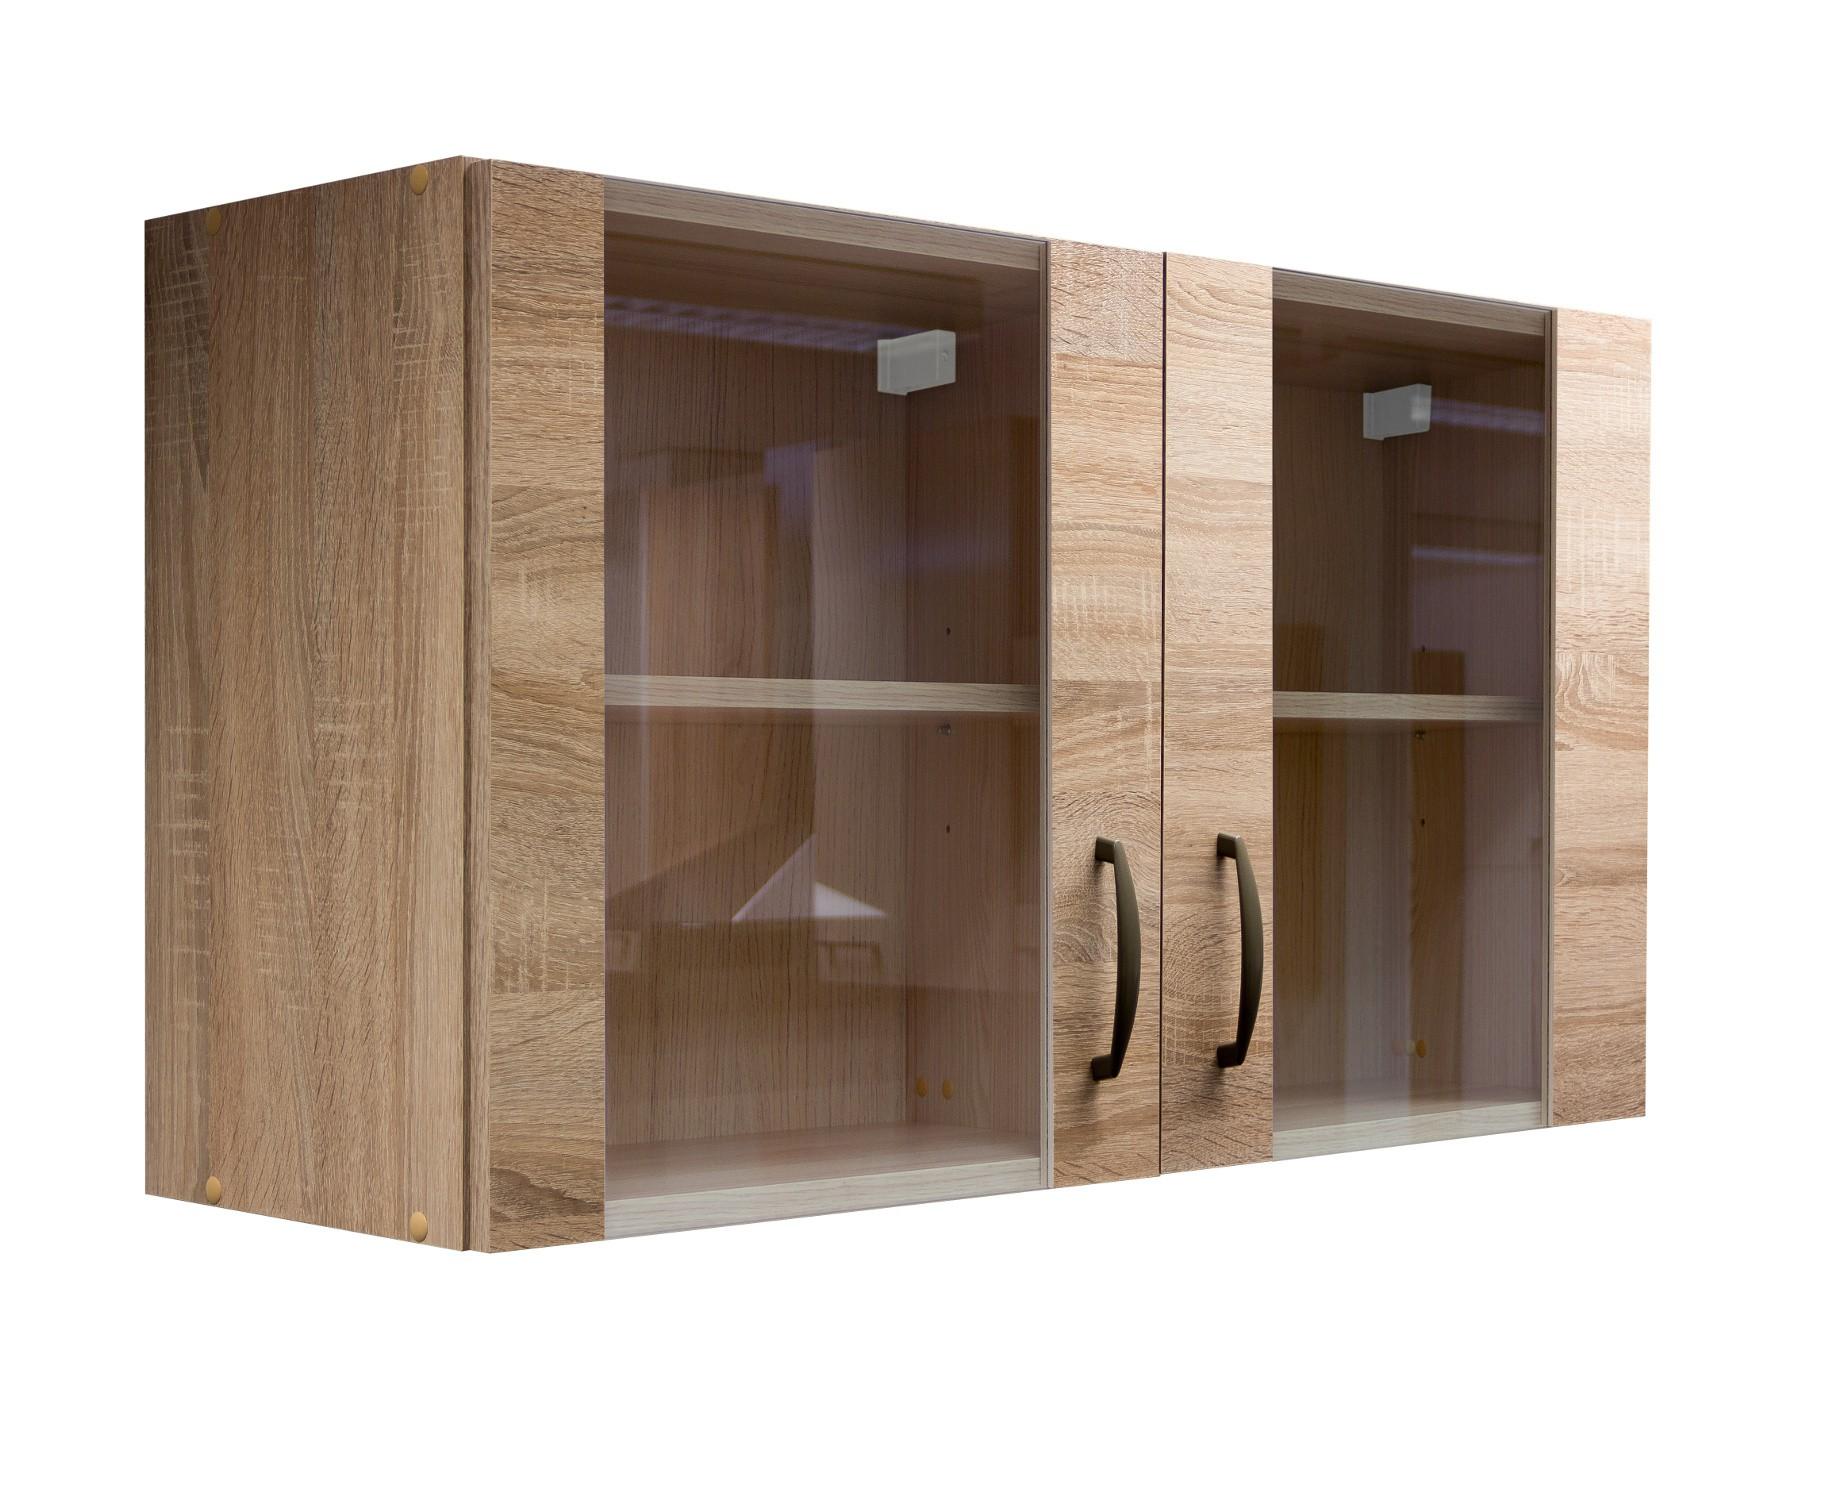 glas h ngeschrank herne k chen h ngeschrank oberschrank. Black Bedroom Furniture Sets. Home Design Ideas